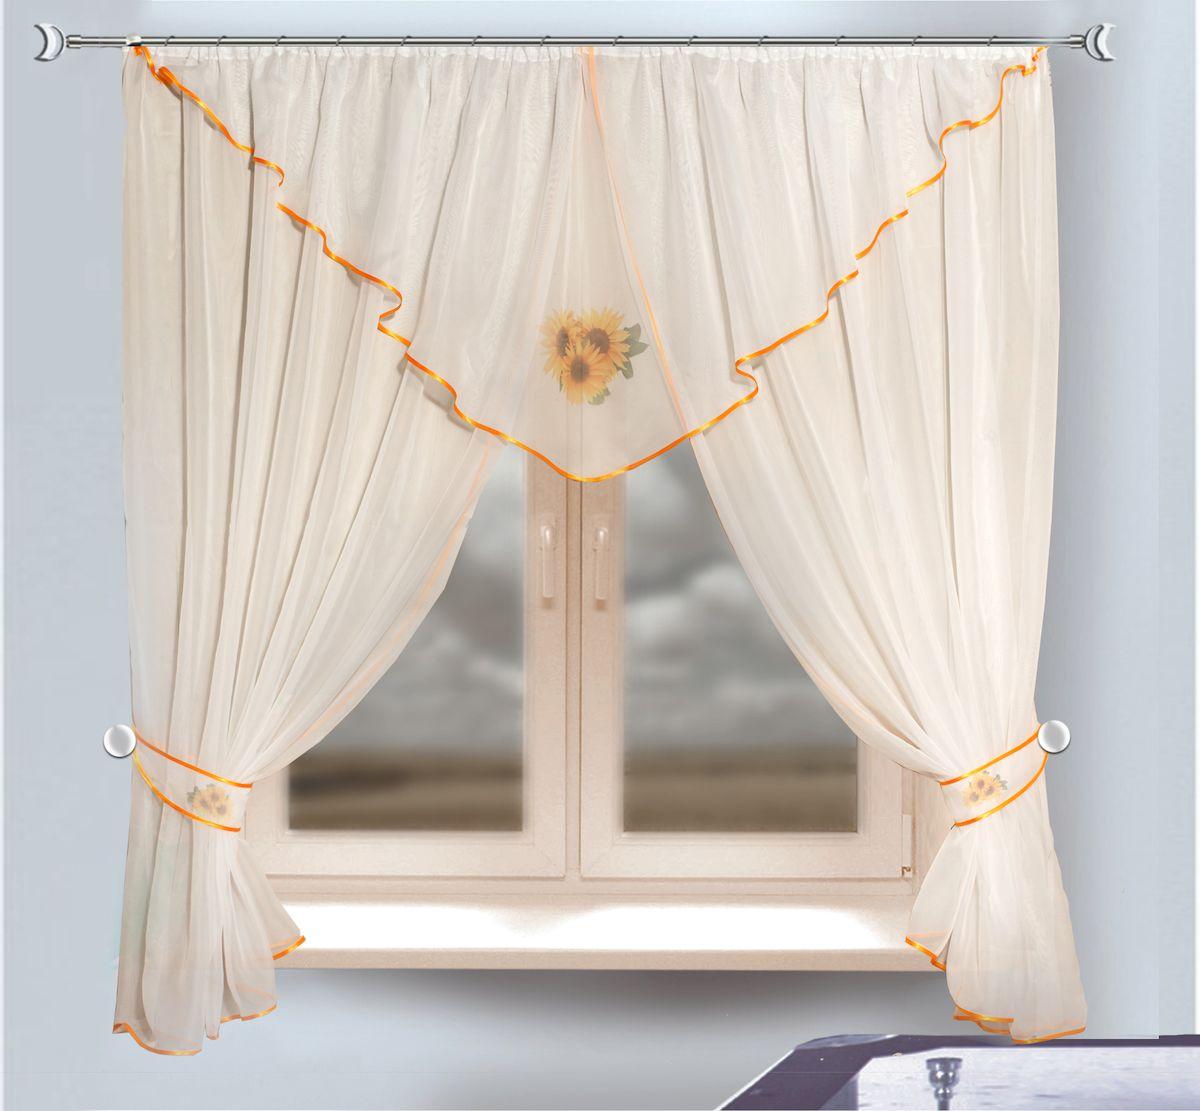 Комплект штор для кухни Zlata Korunka, на ленте, цвет: белый, высота 170 см. 333340333340Комплект штор для кухни Zlata Korunka, выполненный из полиэстера, великолепно украсит любое окно. Комплект состоит из ламбрекена, двух штор и двух подхватов. Принт с подсолнухам и приятная цветовая гамма привлекут к себе внимание и органично впишутся в интерьер помещения. Этот комплект будет долгое время радовать вас и вашу семью!Комплект крепится на карниз при помощи ленты, которая поможет красиво и равномерно задрапировать верх.В комплект входит: Ламбрекен: 1 шт. Размер (Ш х В): 280 х 75 см. Штора: 2 шт. Размер (Ш х В): 140 х 170 см.Подхват: 2 шт.